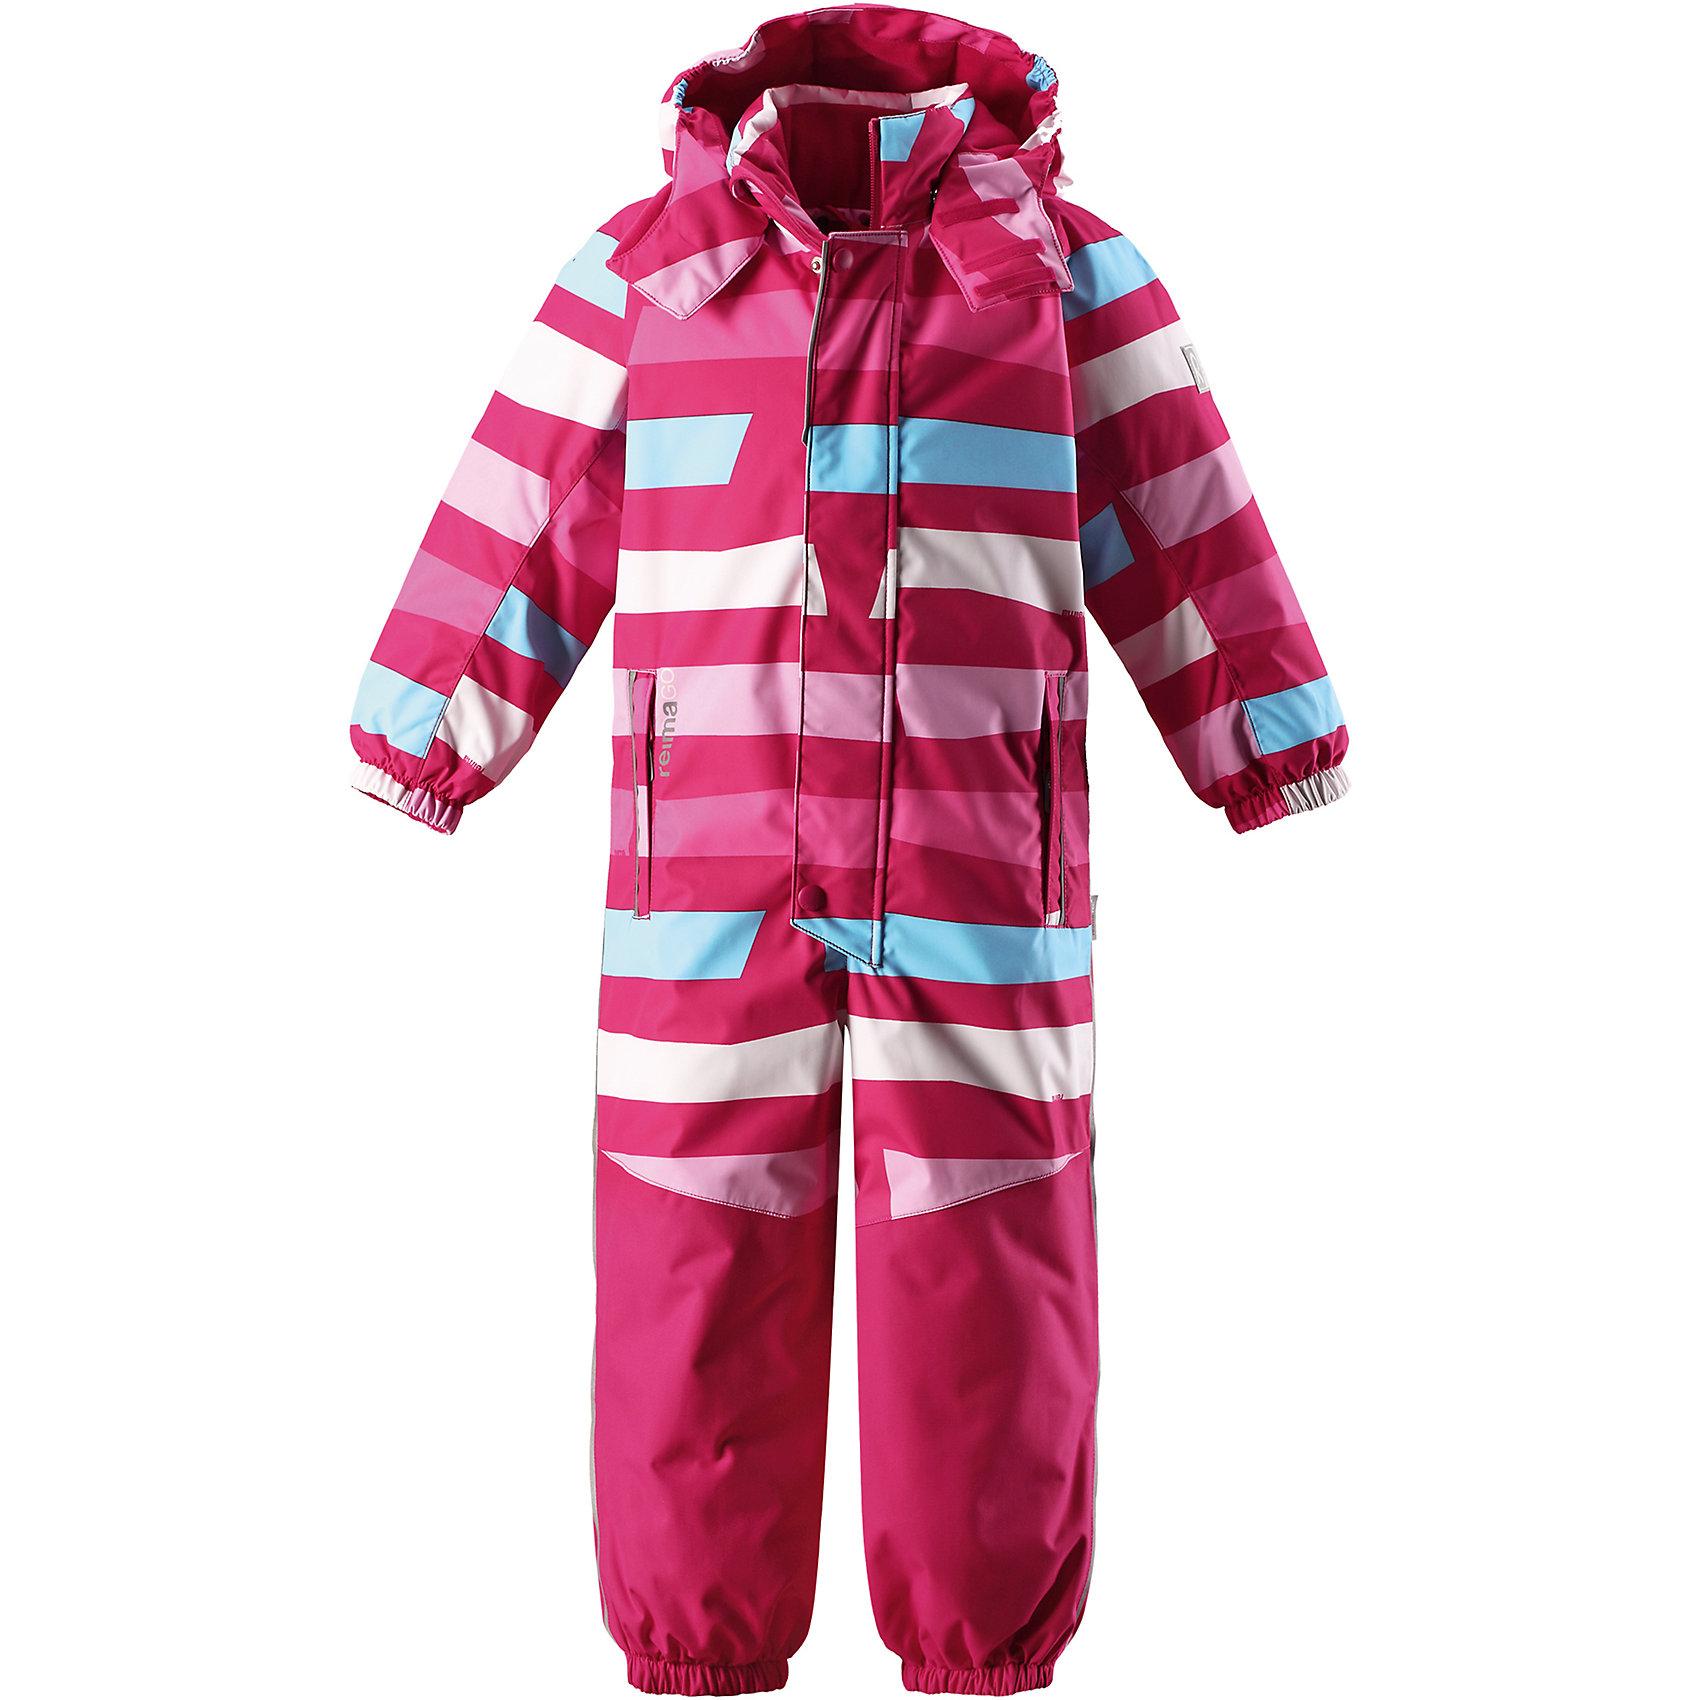 Комбинезон Otsamo Reimatec® ReimaВерхняя одежда<br>Абсолютно непромокаемый и прочный детский зимний комбинезон Reimatec® с полностью проклеенными швами. Суперпрочные усиления на задней части, коленях и концах брючин. Этот практичный комбинезон изготовлен из ветронепроницаемого и дышащего материала, поэтому вашему ребенку будет тепло и сухо, к тому же он не вспотеет. Комбинезон снабжен гладкой подкладкой из полиэстера. В этом комбинезоне прямого кроя талия при необходимости легко регулируется, что позволяет подогнать комбинезон точно по фигуре. А еще он снабжен эластичными манжетами на рукавах и концах брючин, которые регулируются застежкой на кнопках. Внутри комбинезона имеются удобные подтяжки, благодаря которым дети могут снять верхнюю часть, например, во время похода в магазин. Подтяжки поддерживают верхнюю часть на бедрах, обеспечивая комфорт при входе в помещение и не позволяя комбинезону тащится по полу.<br><br>Съемный и регулируемый капюшон защищает от пронизывающего ветра, а еще он безопасен во время игр на свежем воздухе. Кнопки легко отстегиваются, если капюшон случайно за что-нибудь зацепится. Съемные силиконовые штрипки не дают концам брючин задираться, бегай сколько хочешь! Два кармана на молнии и специальный карман для сенсора ReimaGO®. Материал имеет грязеотталкивающую поверхность, и при этом его можно сушить в сушильной машине. Светоотражающие детали довершают образ.<br>Состав:<br>100% Полиэстер<br><br>Ширина мм: 356<br>Глубина мм: 10<br>Высота мм: 245<br>Вес г: 519<br>Цвет: розовый<br>Возраст от месяцев: 108<br>Возраст до месяцев: 120<br>Пол: Унисекс<br>Возраст: Детский<br>Размер: 140,92,98,104,110,116,122,128,134<br>SKU: 6907634